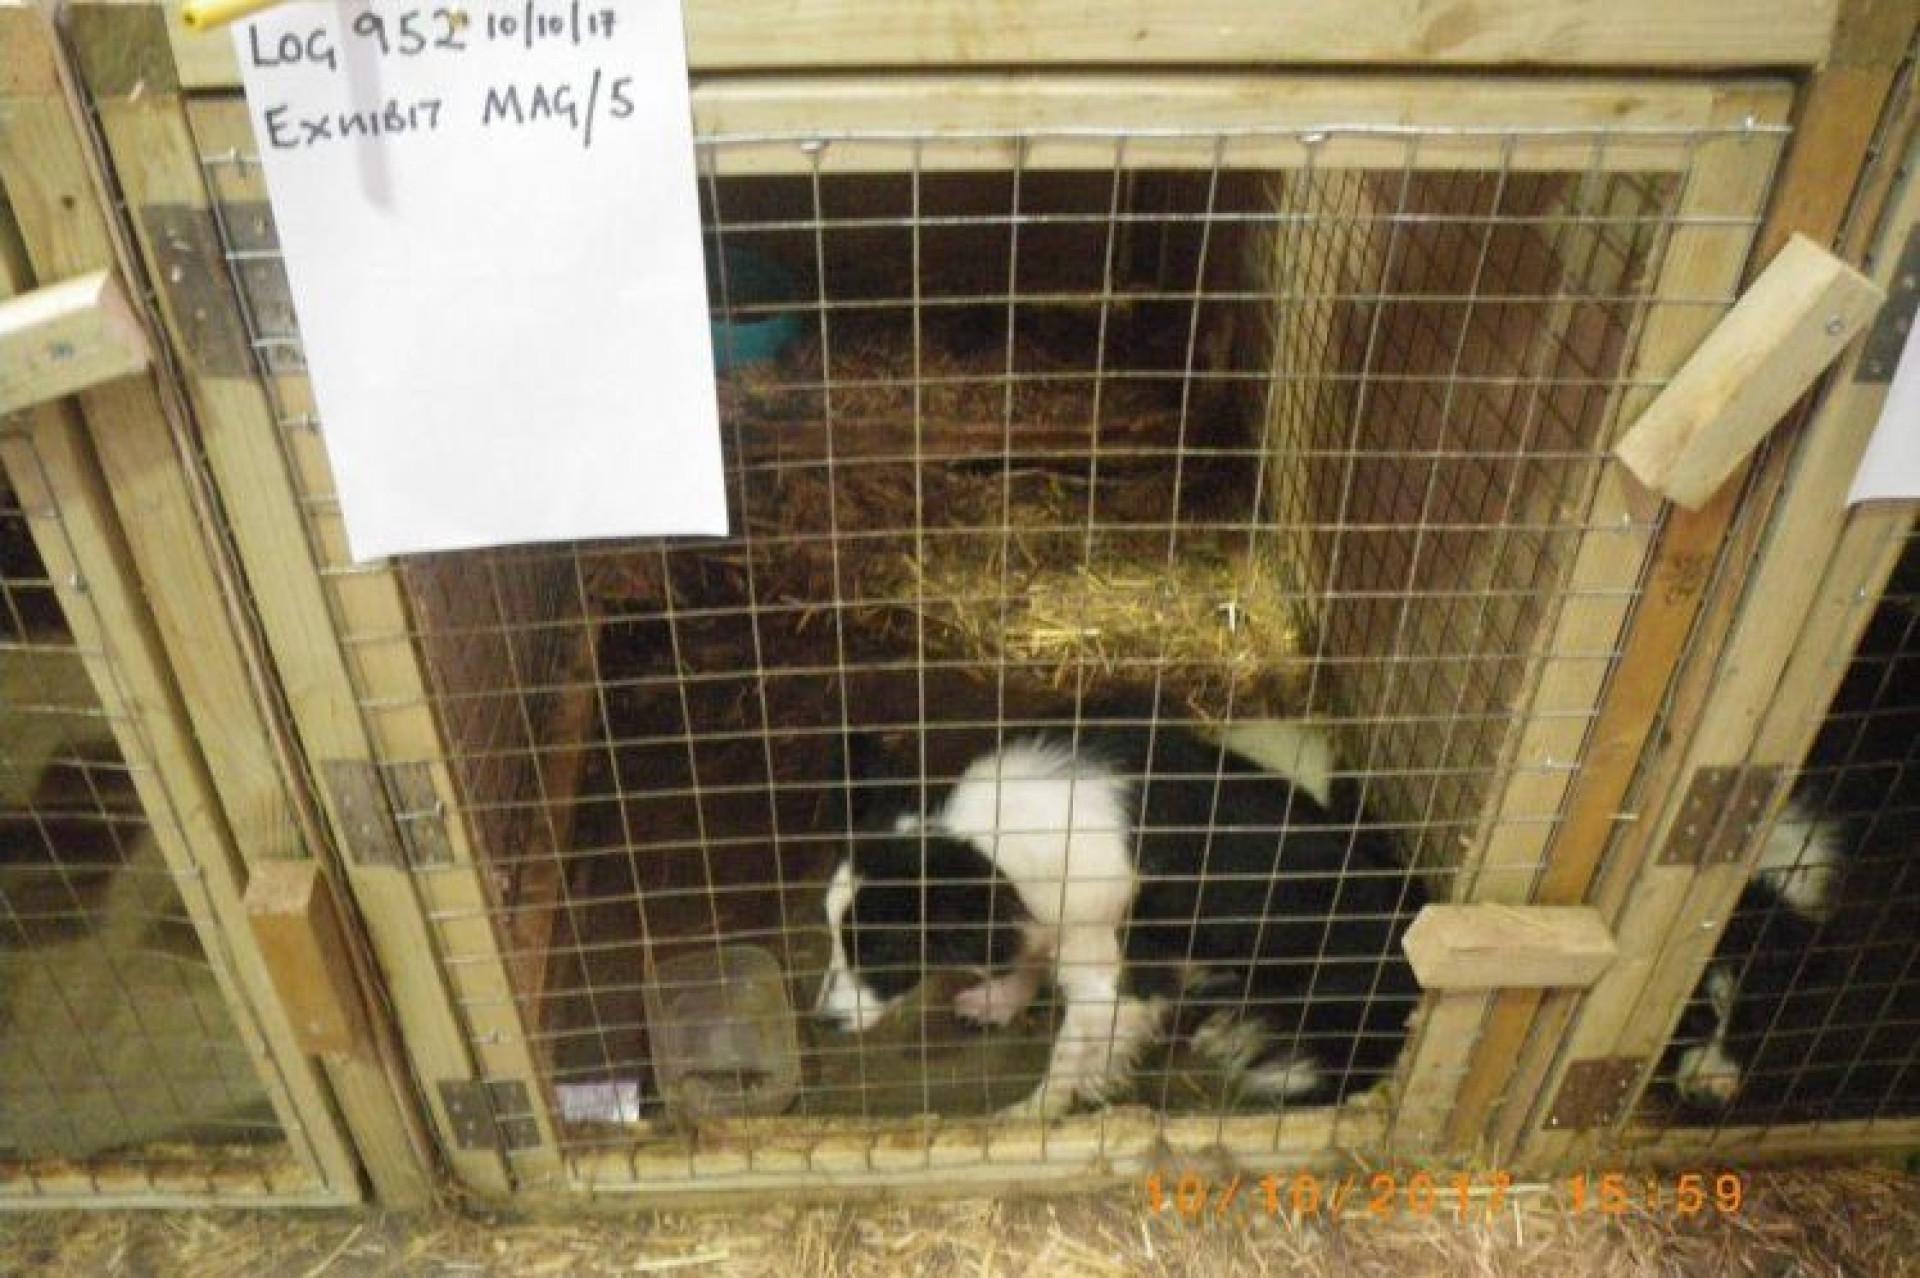 Mais de 170 animais encontrados mortos em habitação no Reino Unido